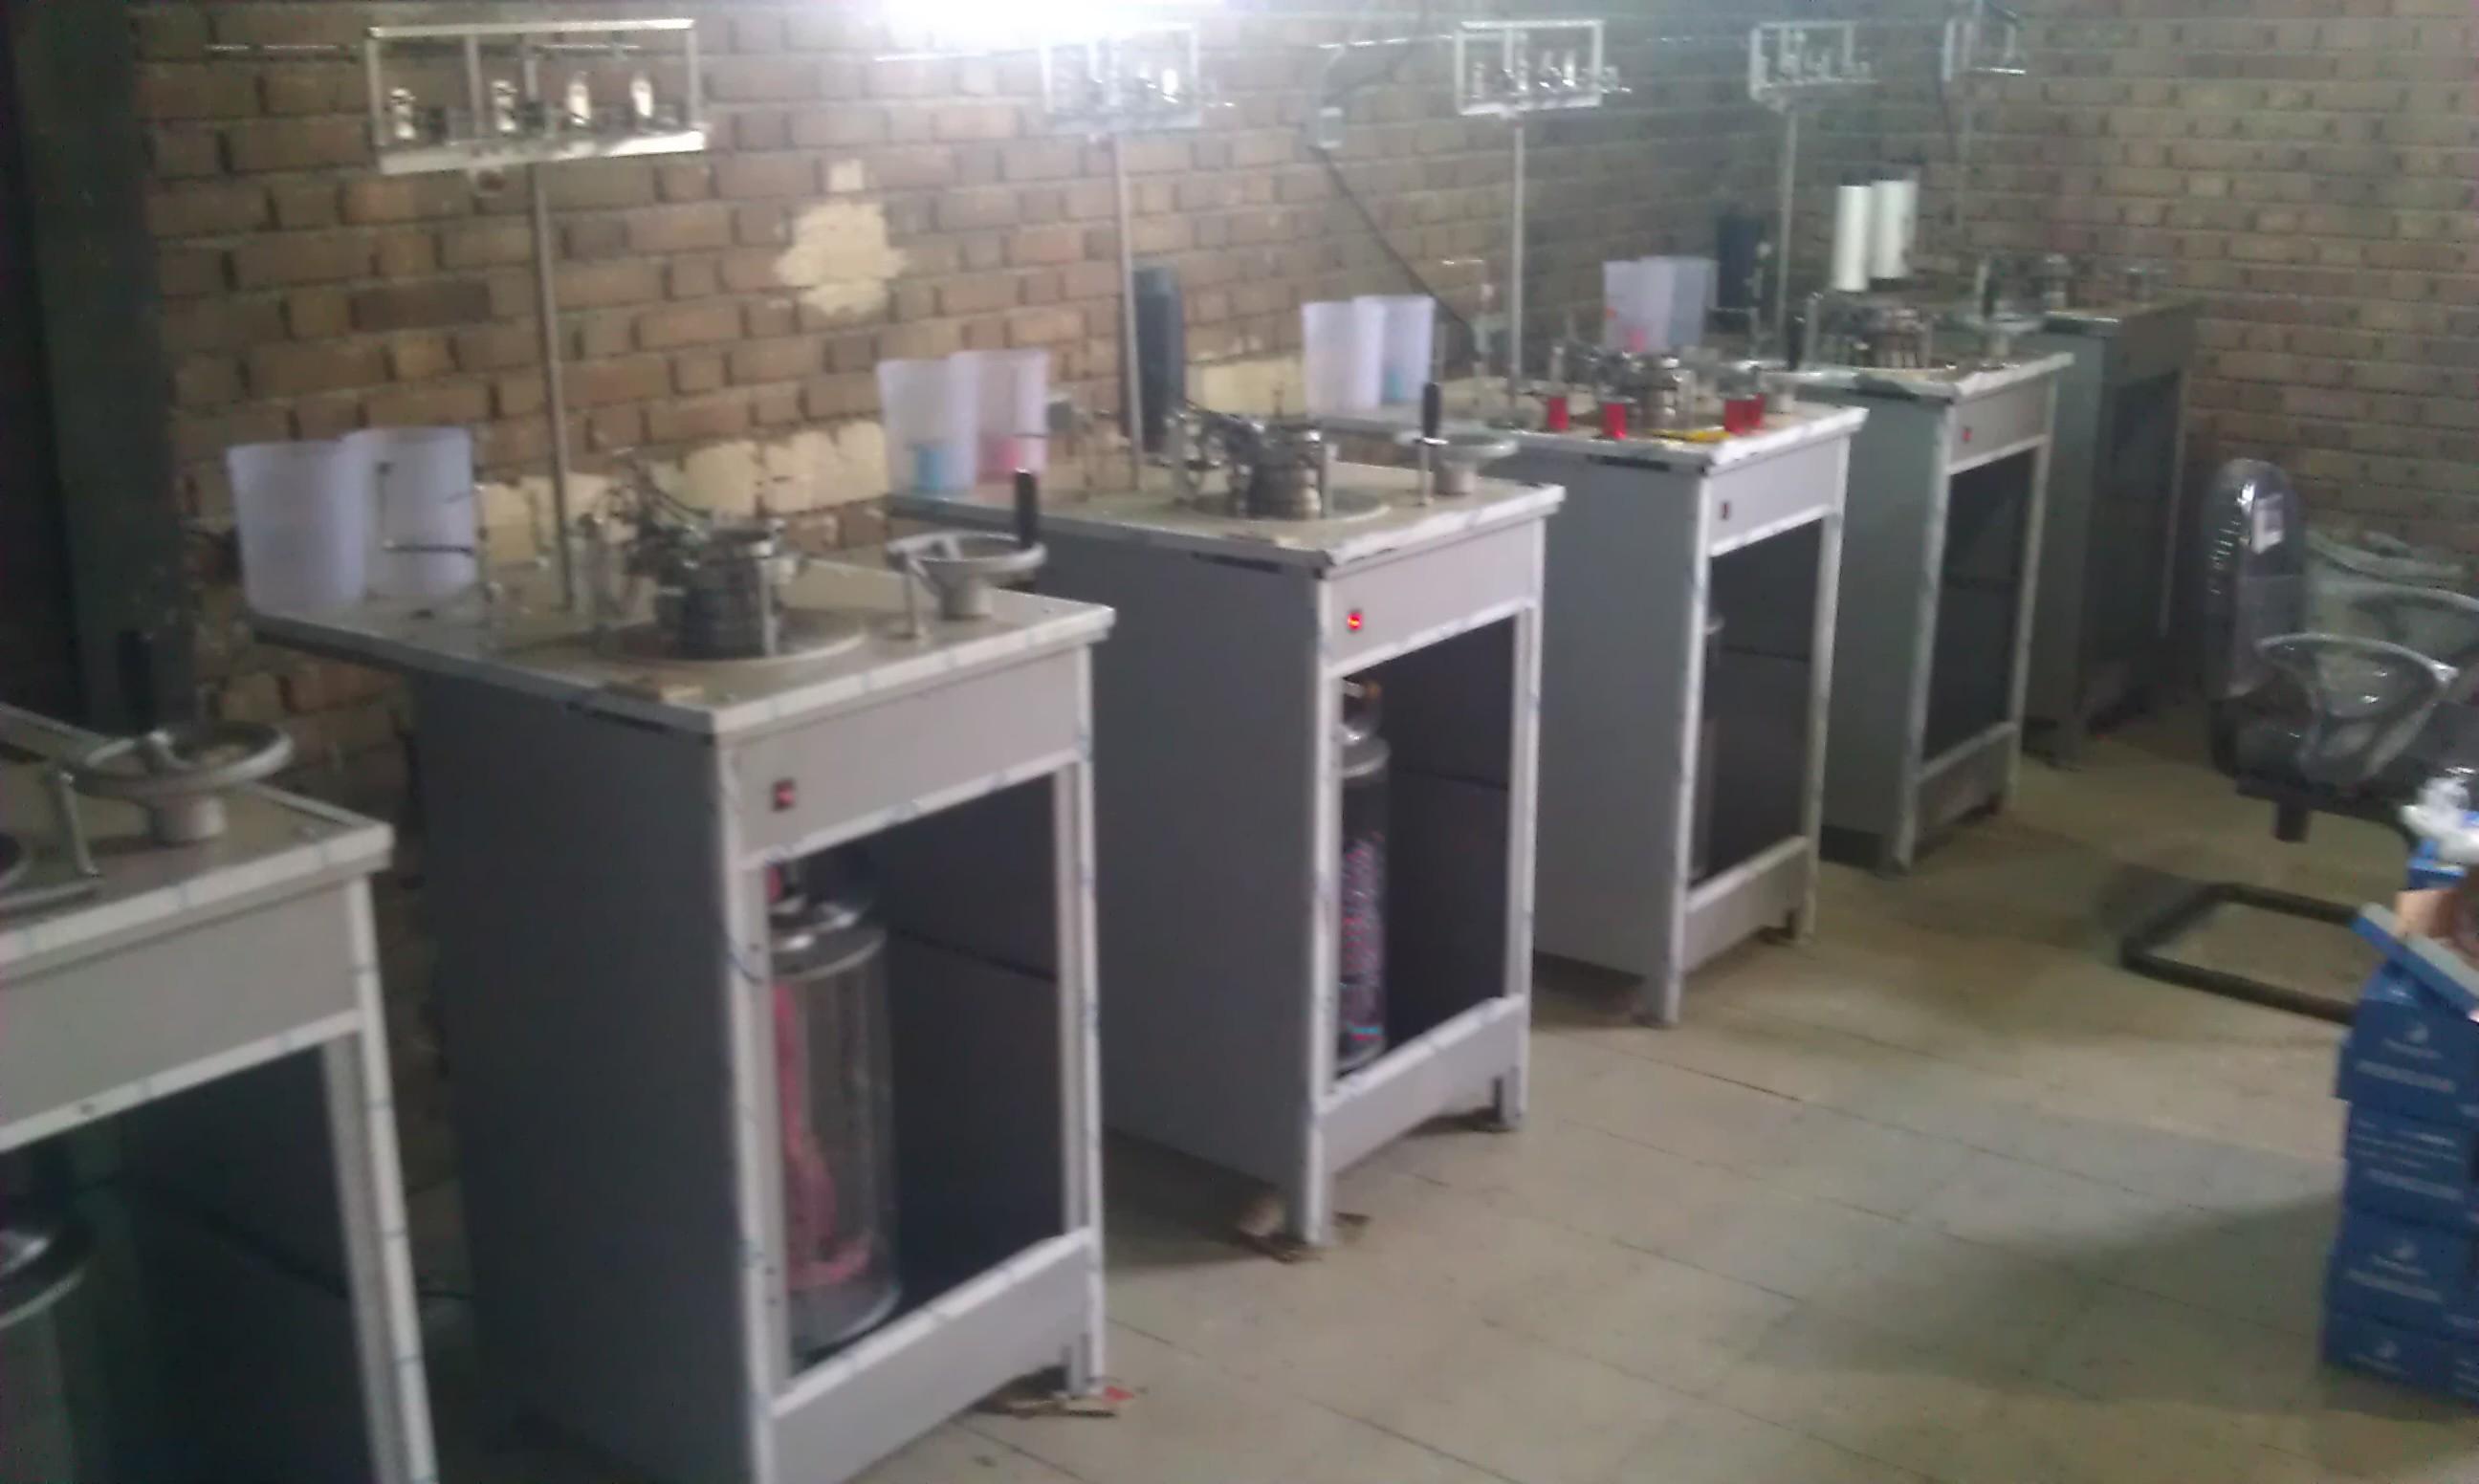 سازنده و طراح انواع دستگاه های صنعتی سیم ظرف شویی واسکاج - سیم واسکاچسازنده و طراح انواع دستگاه های صنعتی سیم ظرف شویی واسکاج